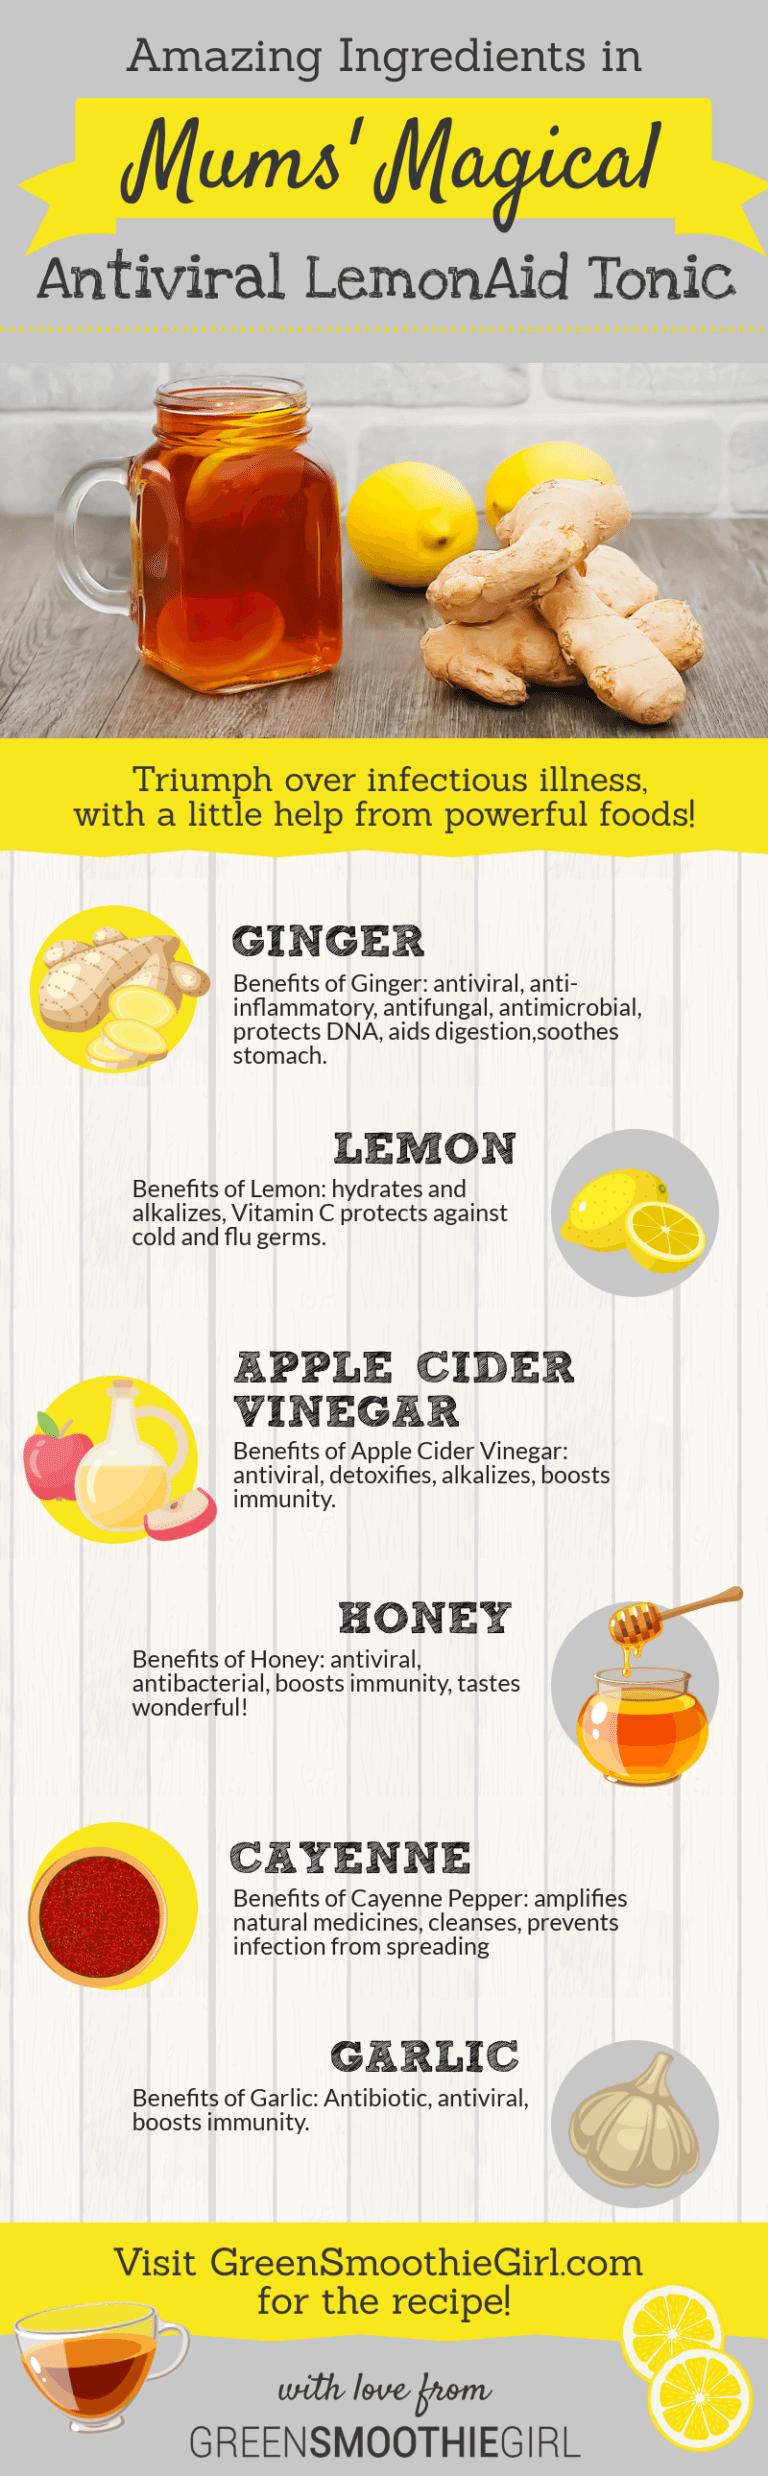 Lemonaid antiviral tonic recipe